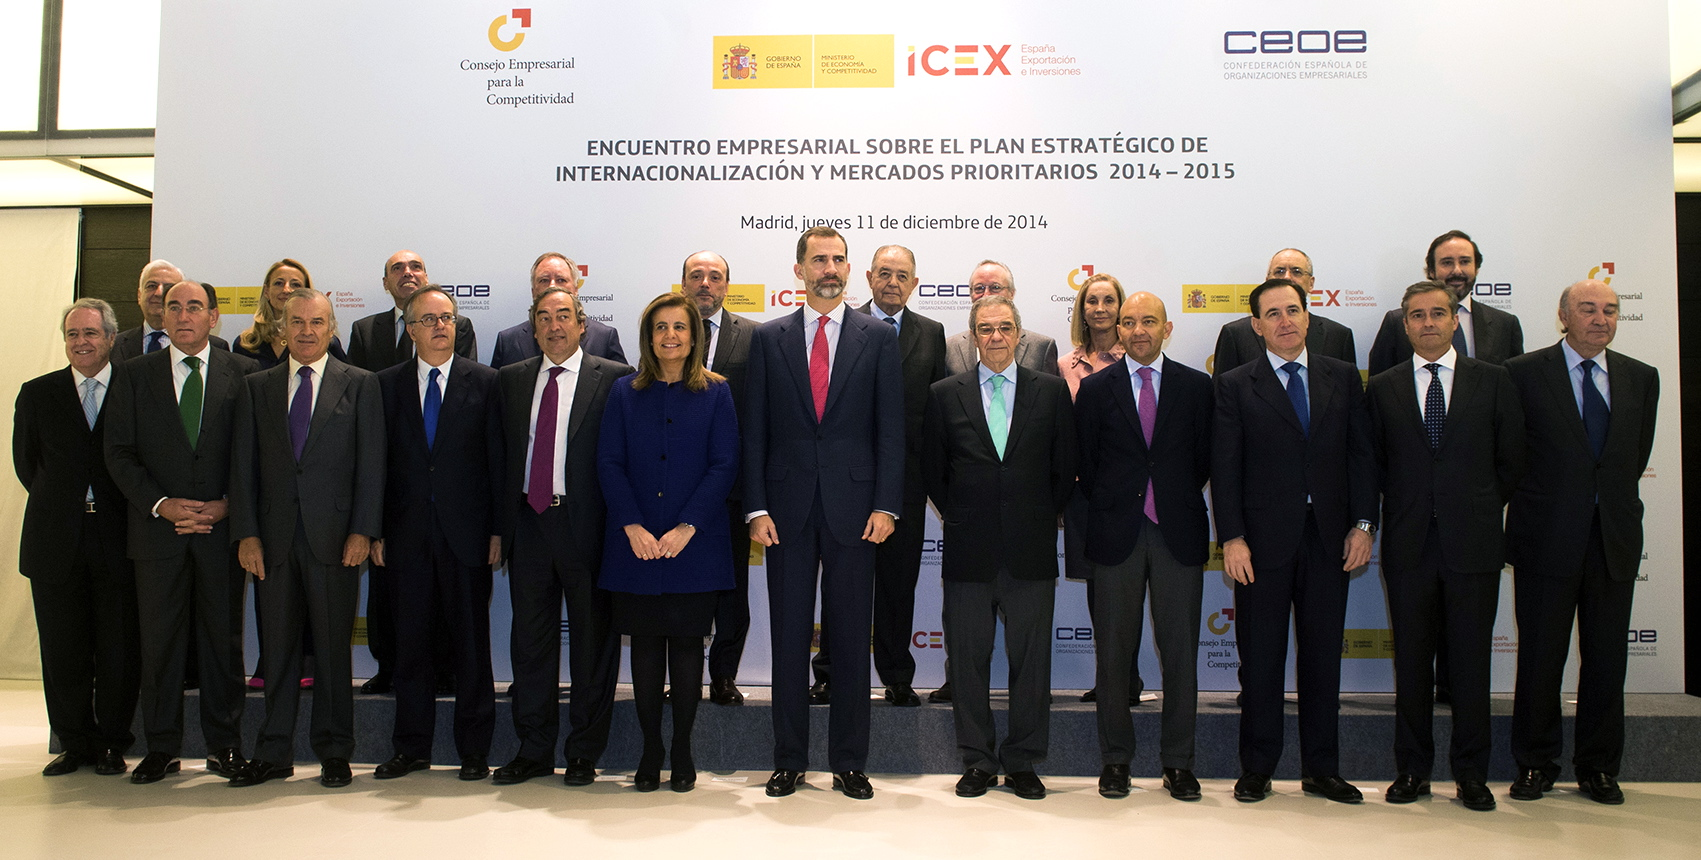 El Plan Estratégico de Internacionalización de la Economía Española 2014-2015